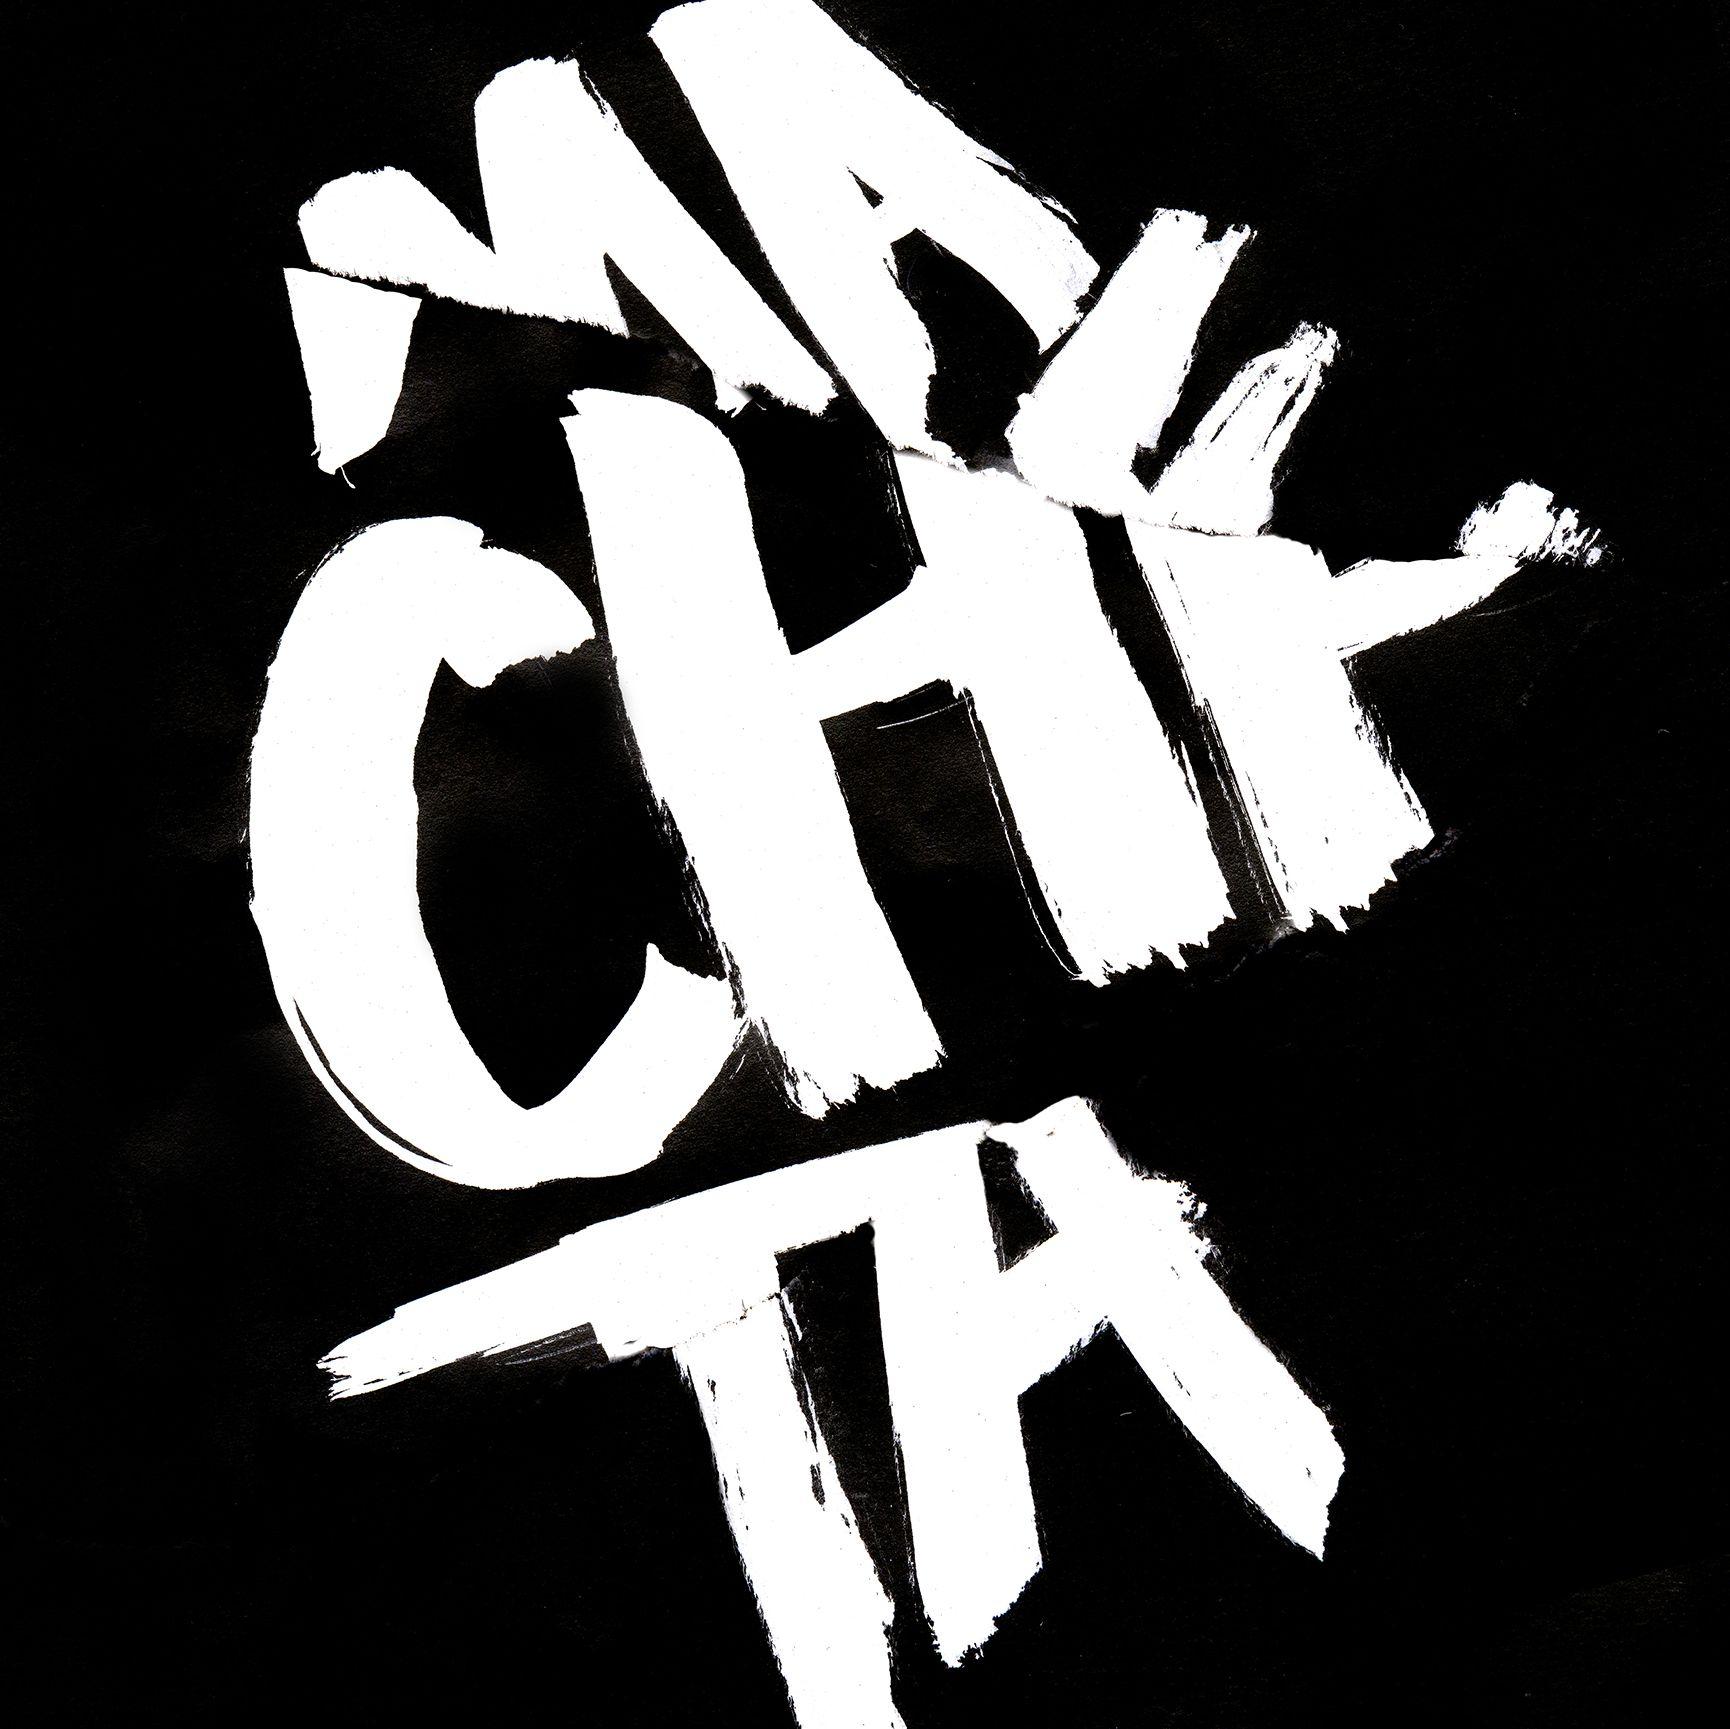 Macheta logo design by La Tortillería | A Creative Company